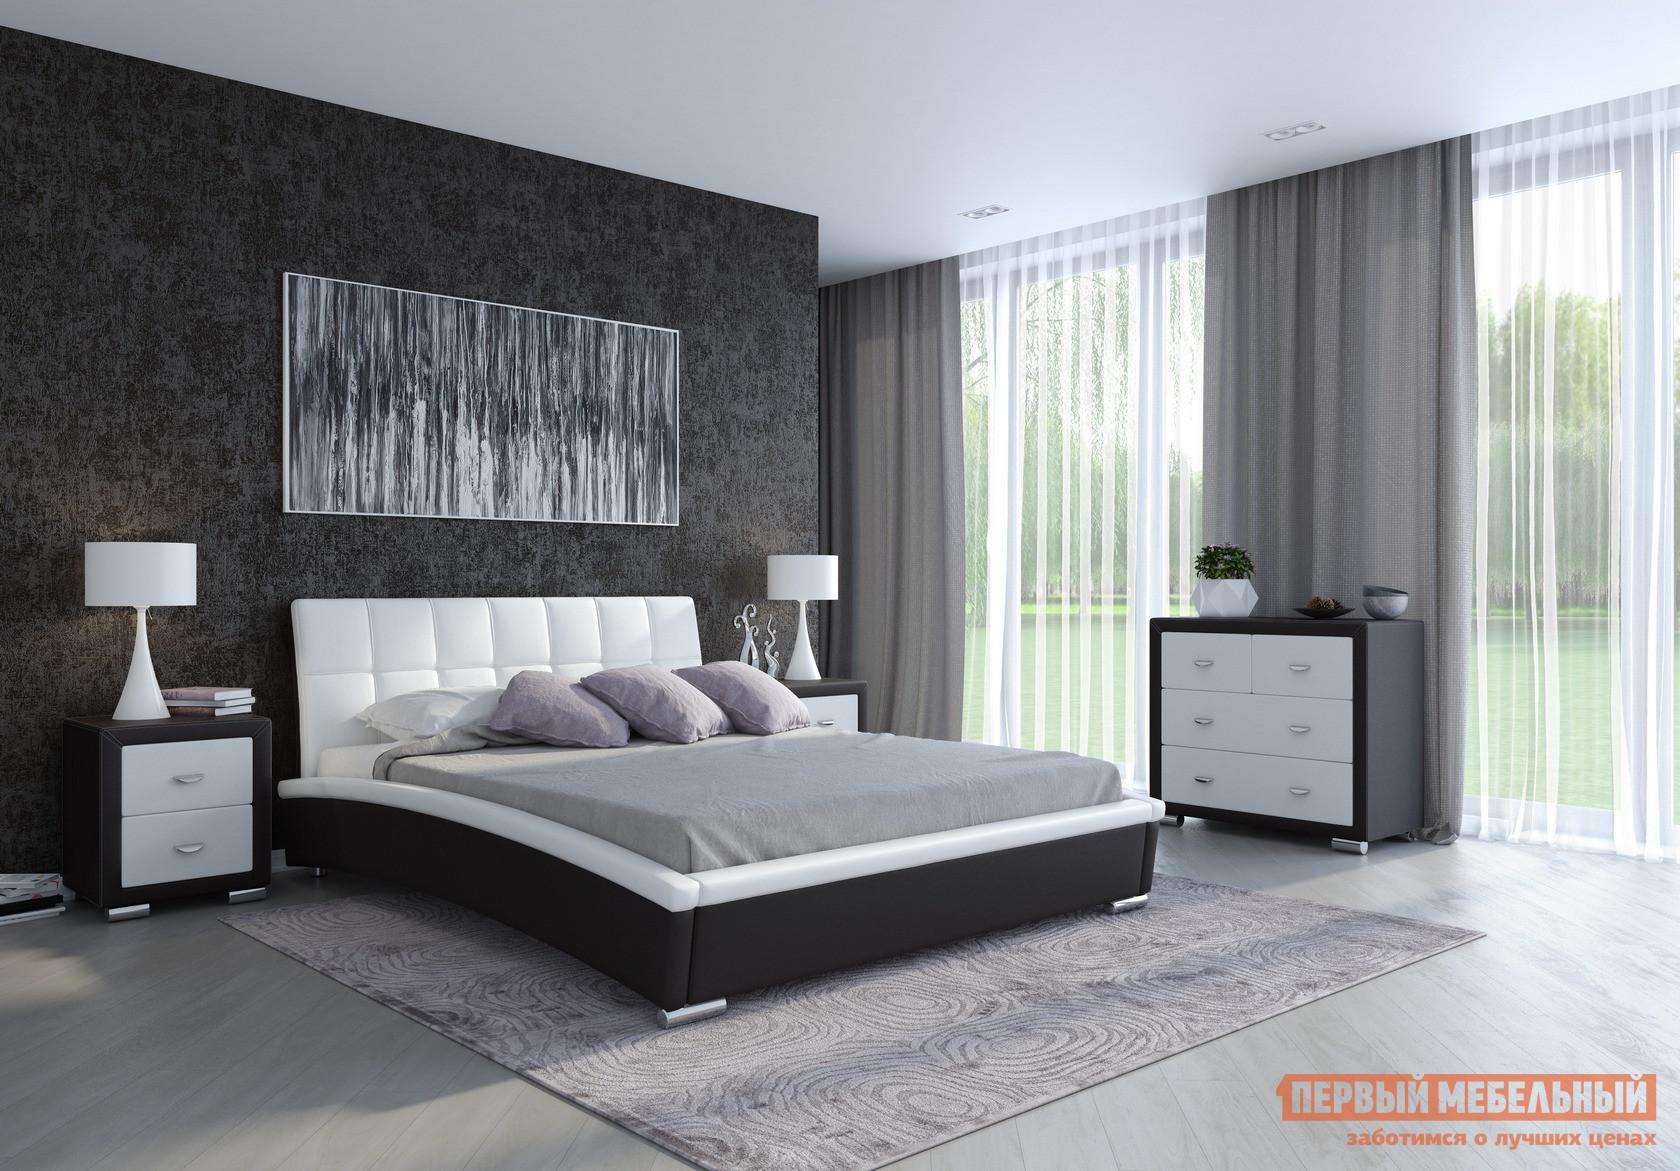 Спальный гарнитур Орматек Корсо К1 спальный гарнитур нк мебель марика к1